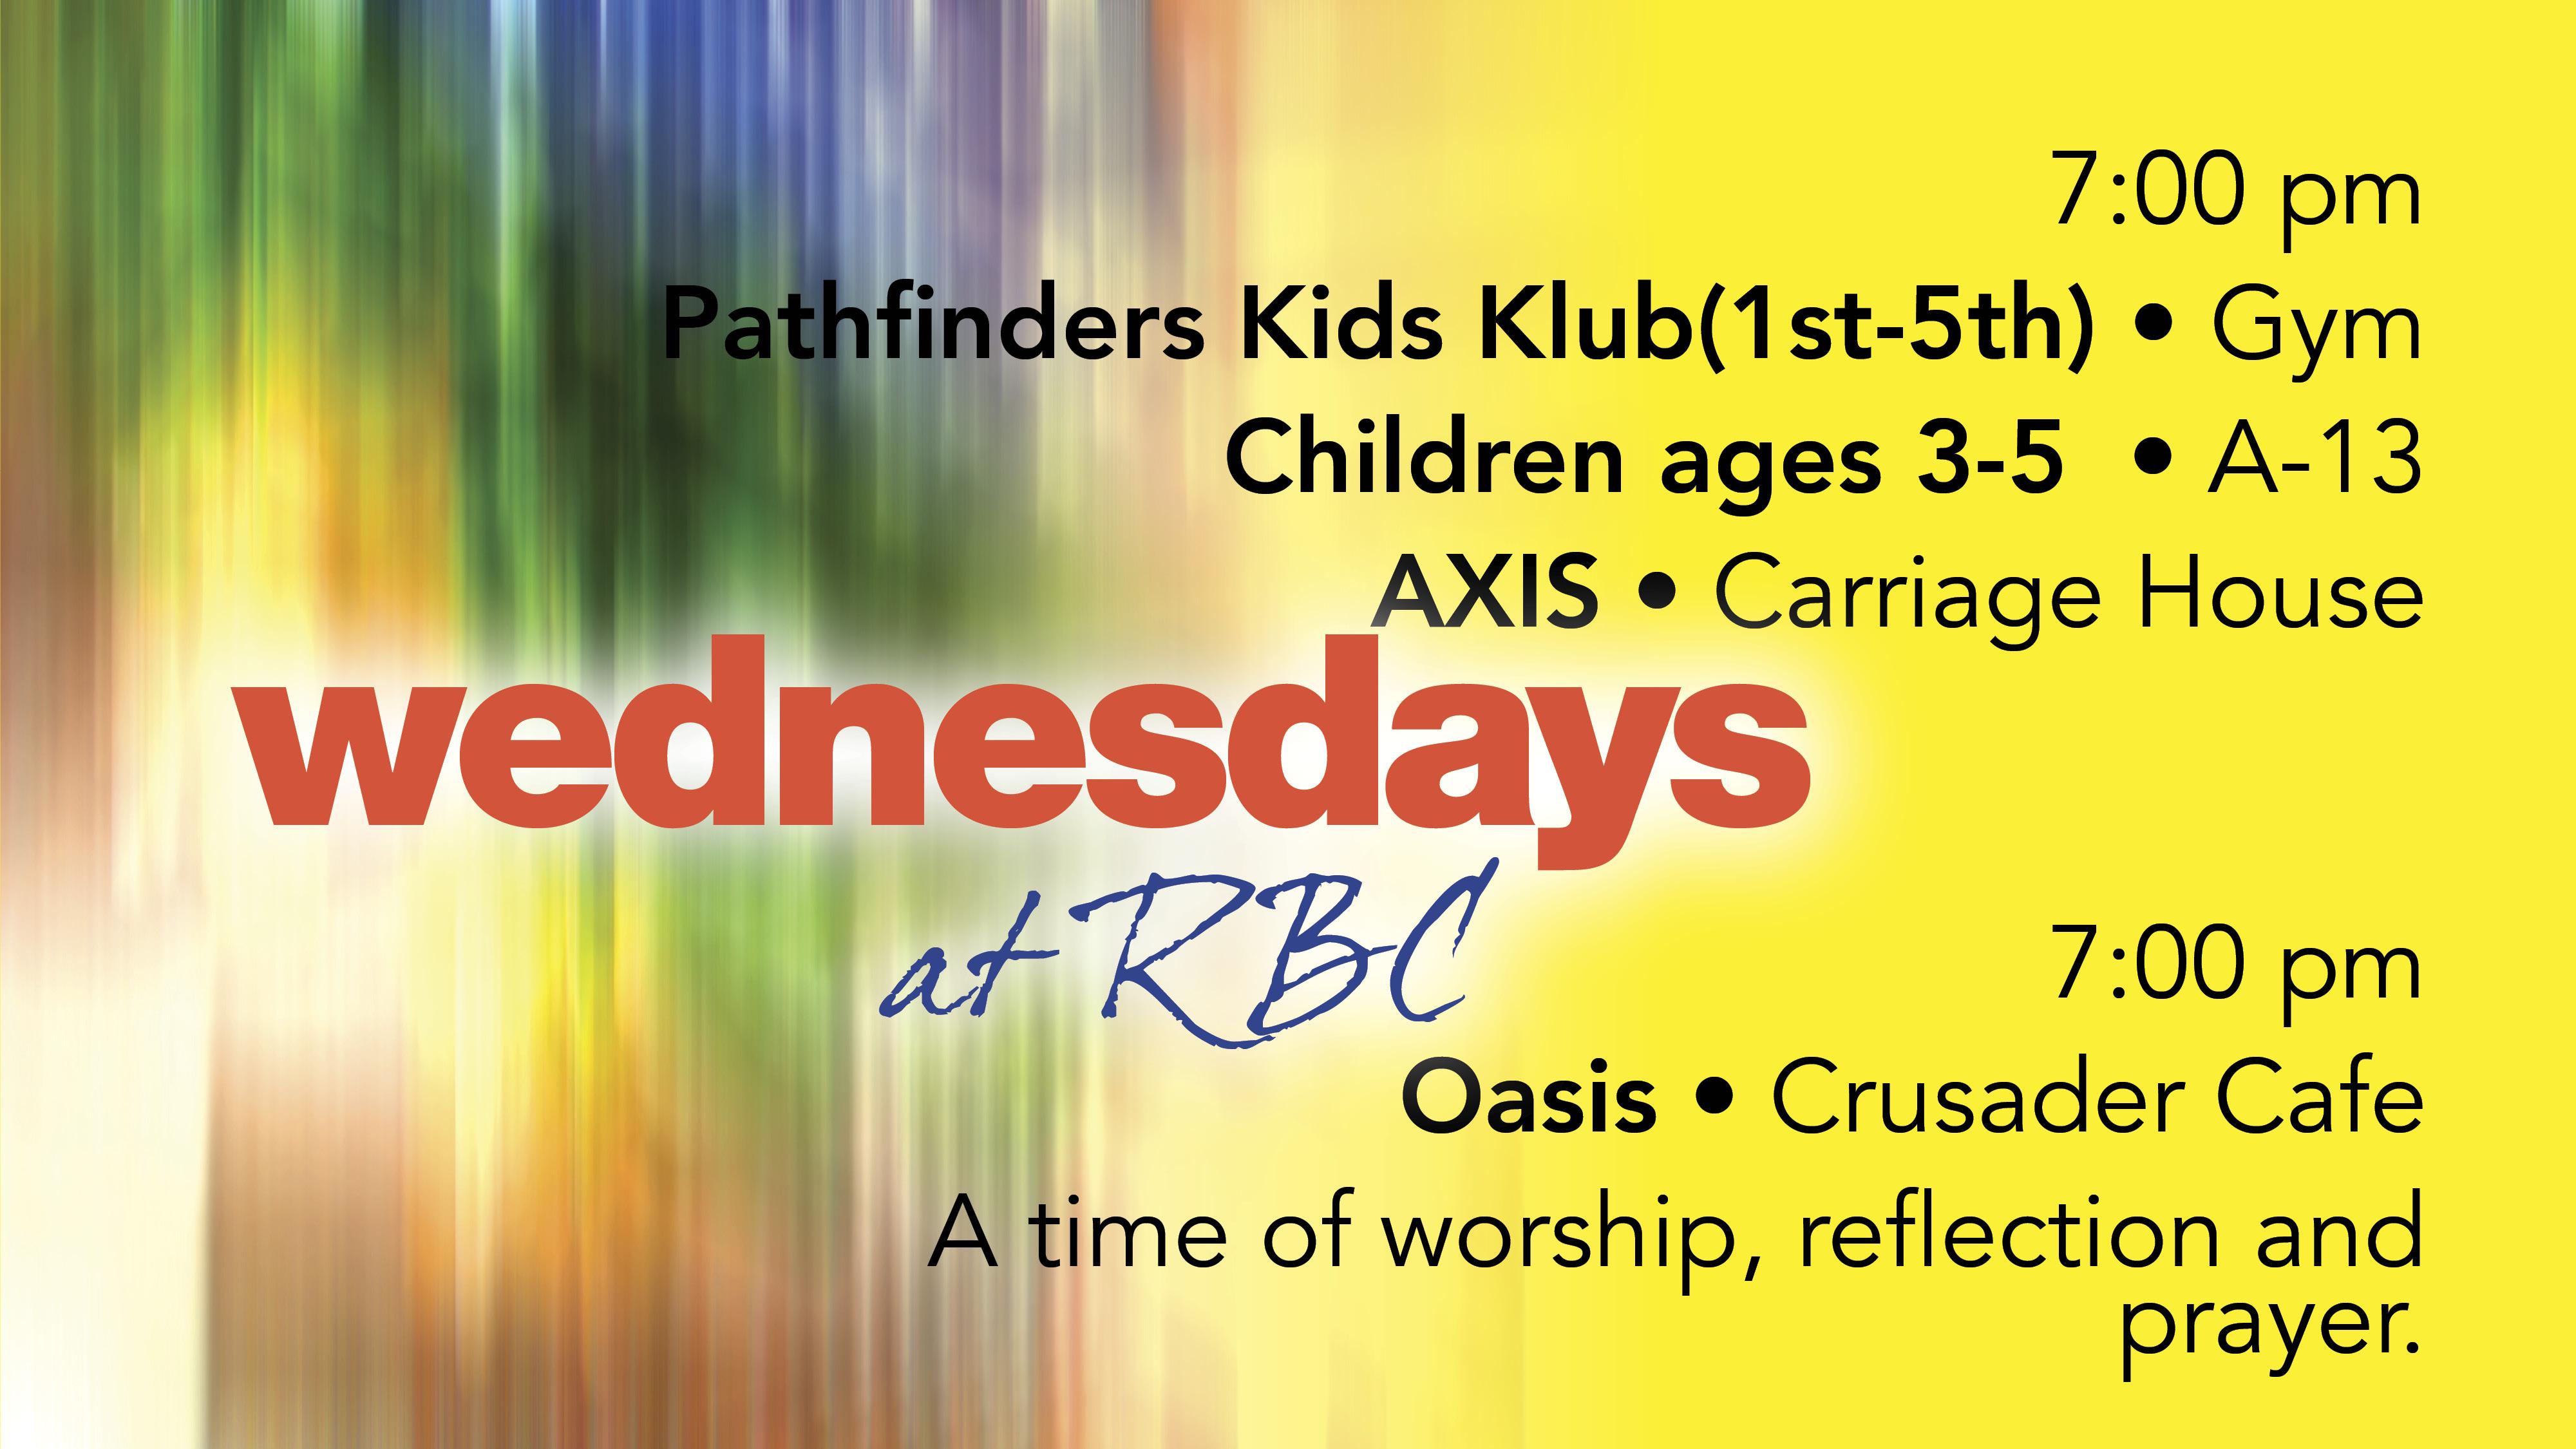 Wednesdays at RBC